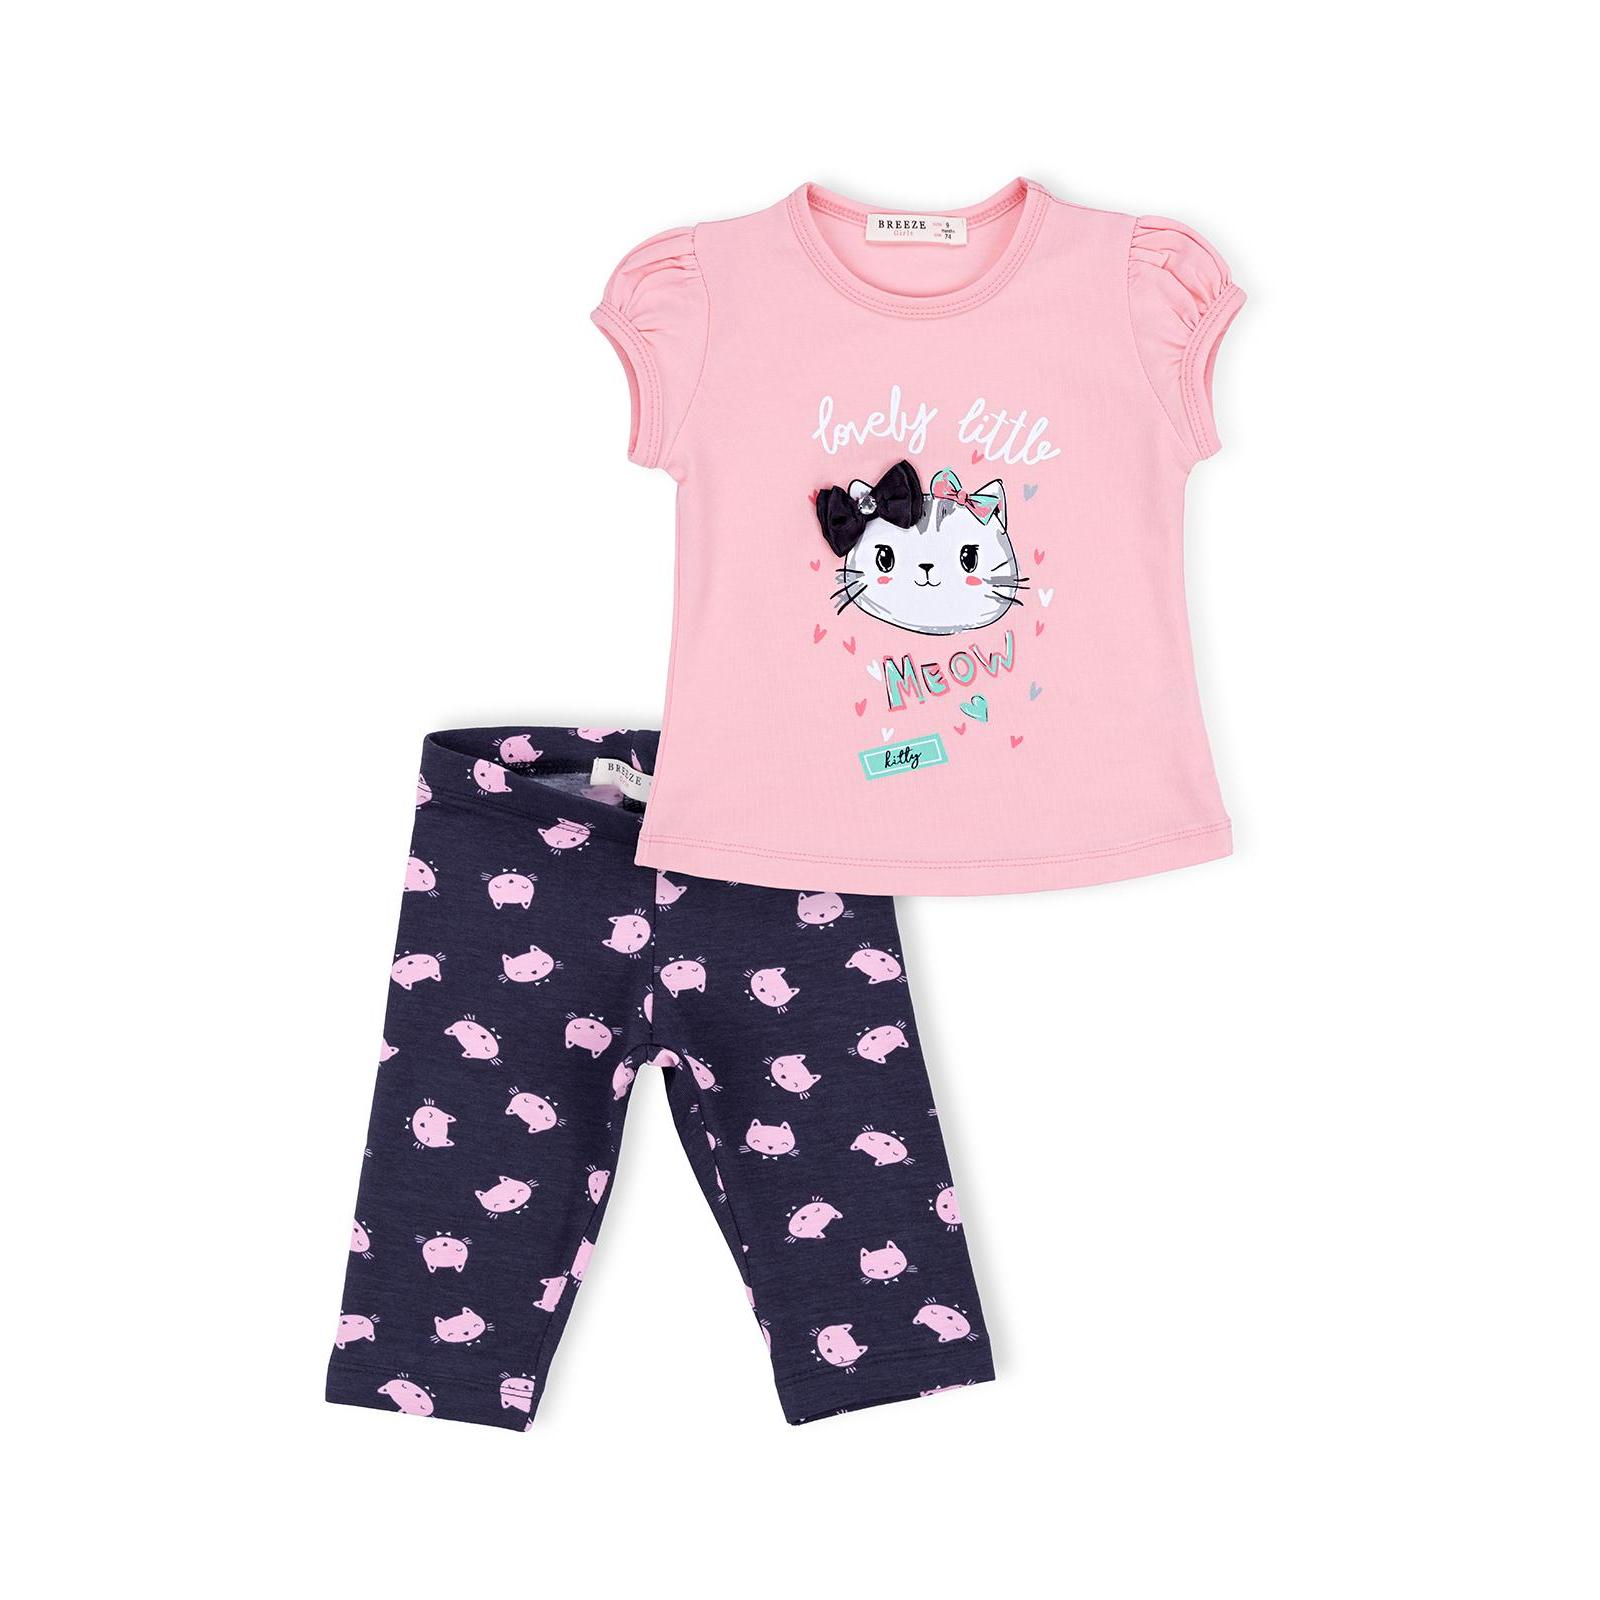 Набор детской одежды Breeze с котиками (7493-80G-pink)